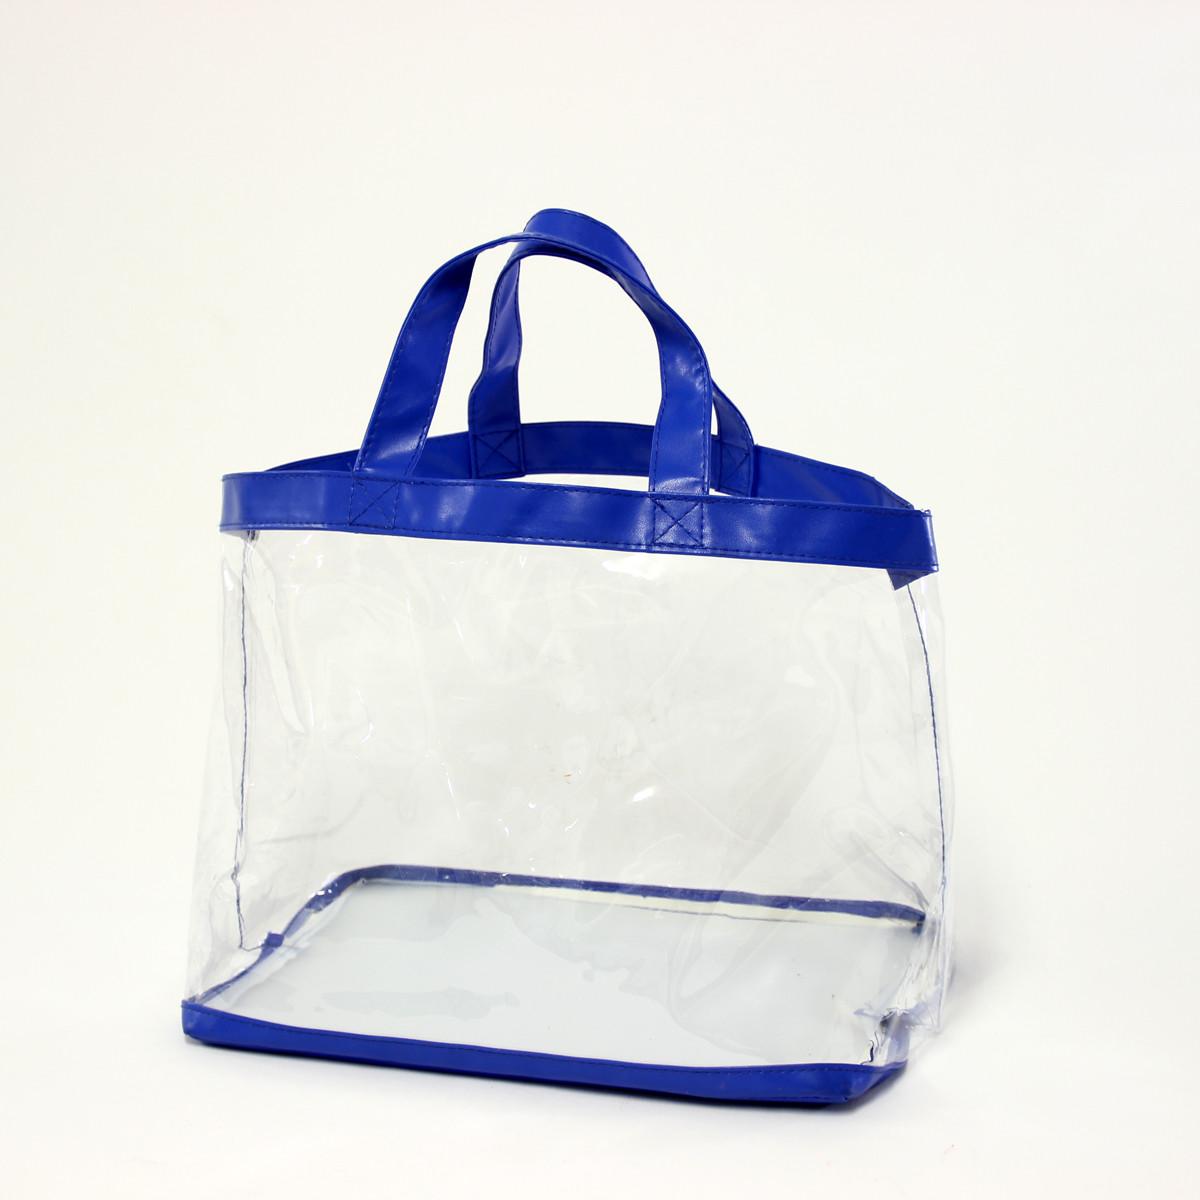 透明ビニールバッグ 人気商品 透明バッグ ブルー LB-30 発売モデル